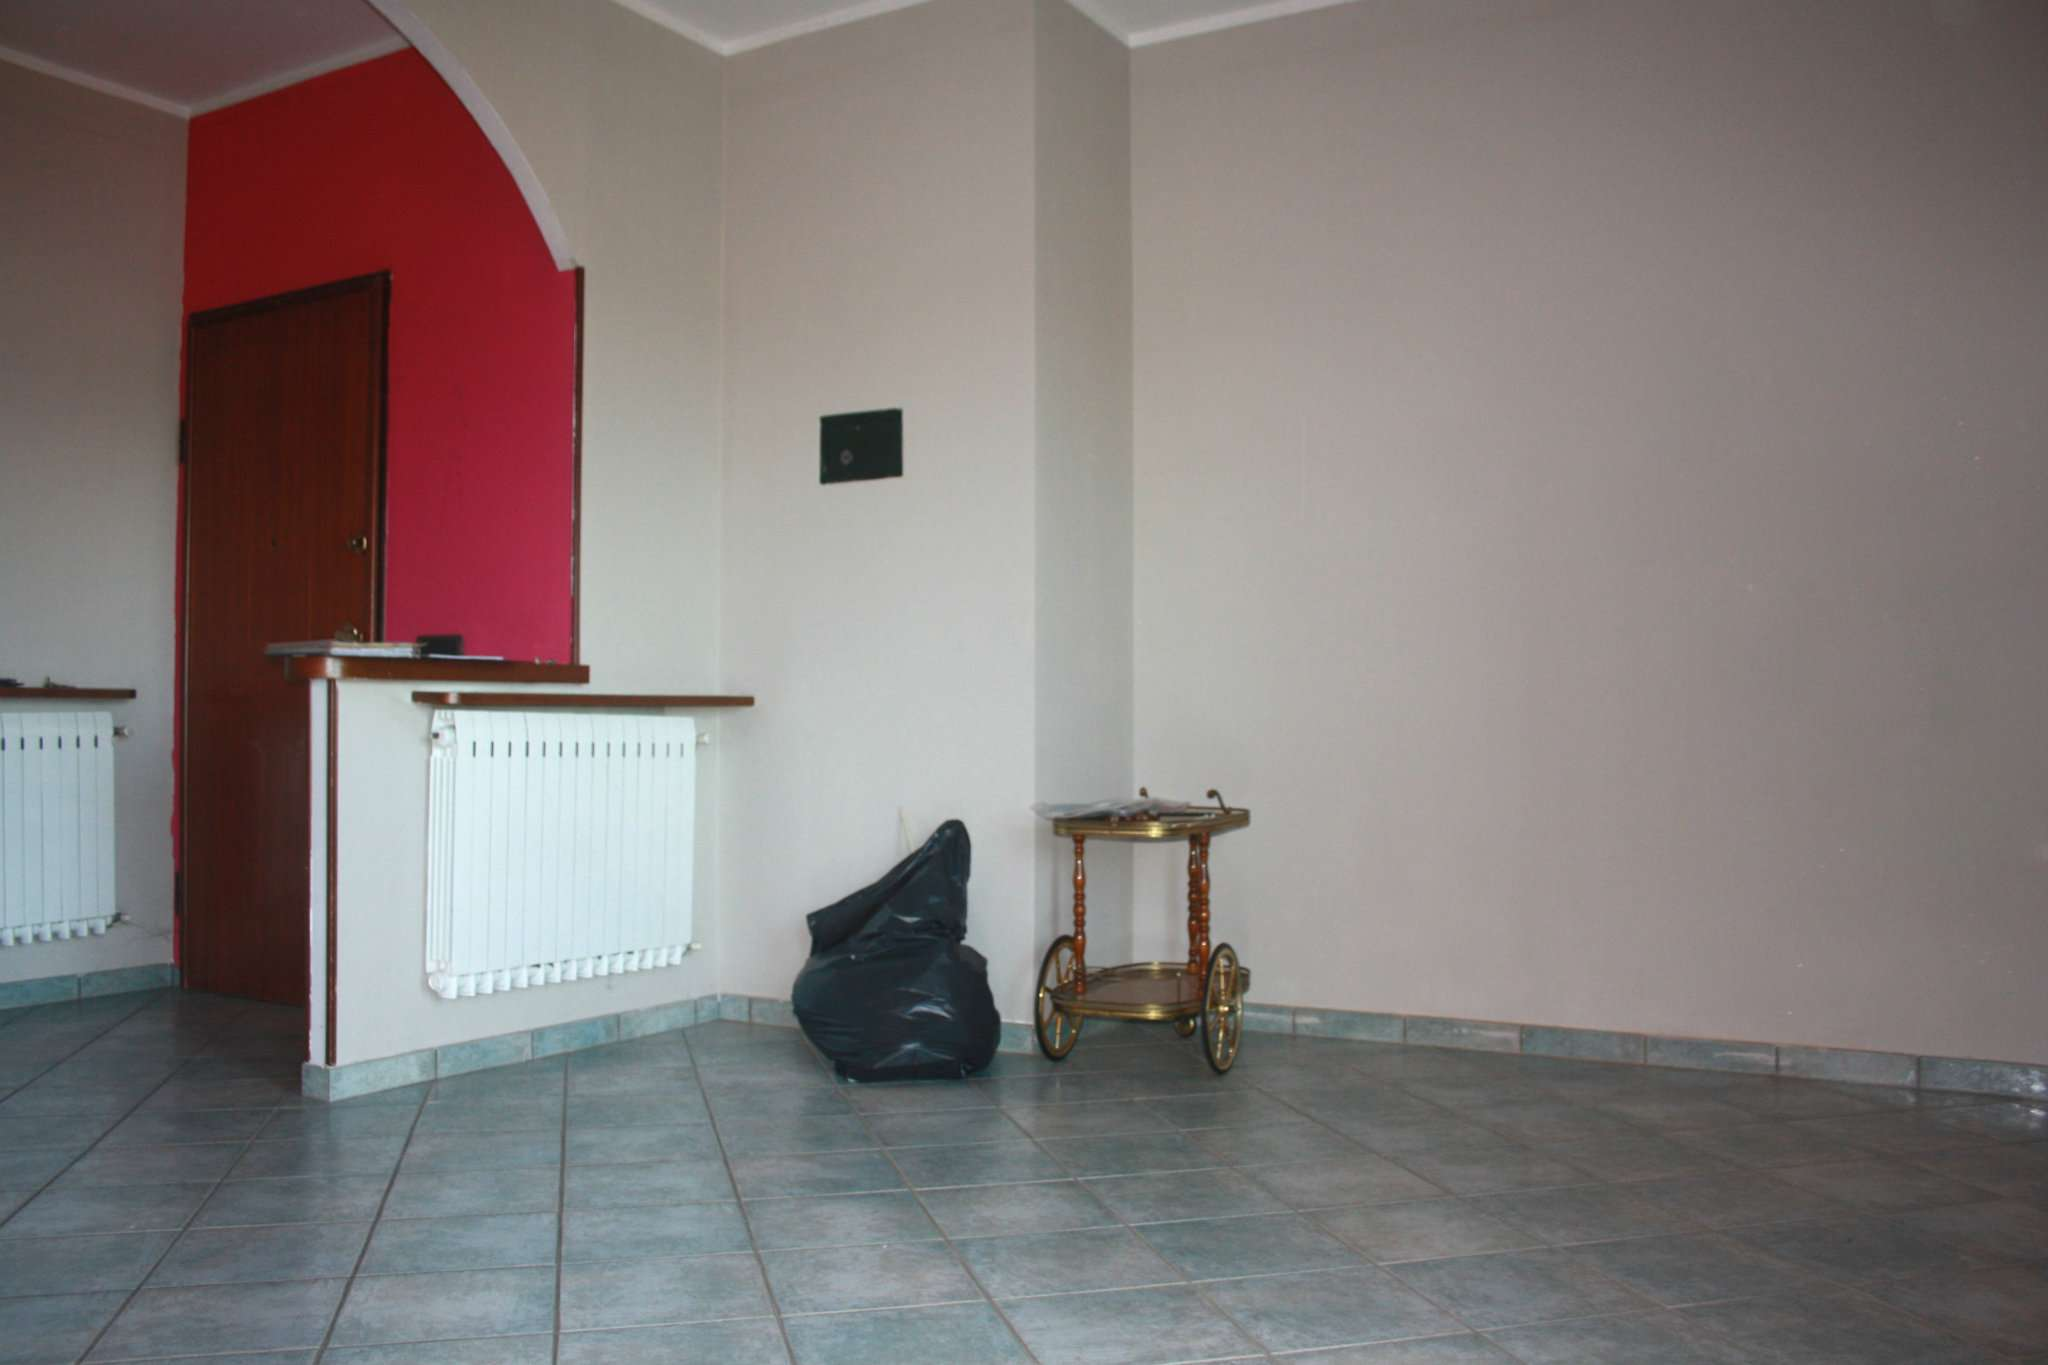 Appartamento in vendita a Bra, 4 locali, prezzo € 100.000 | Cambio Casa.it